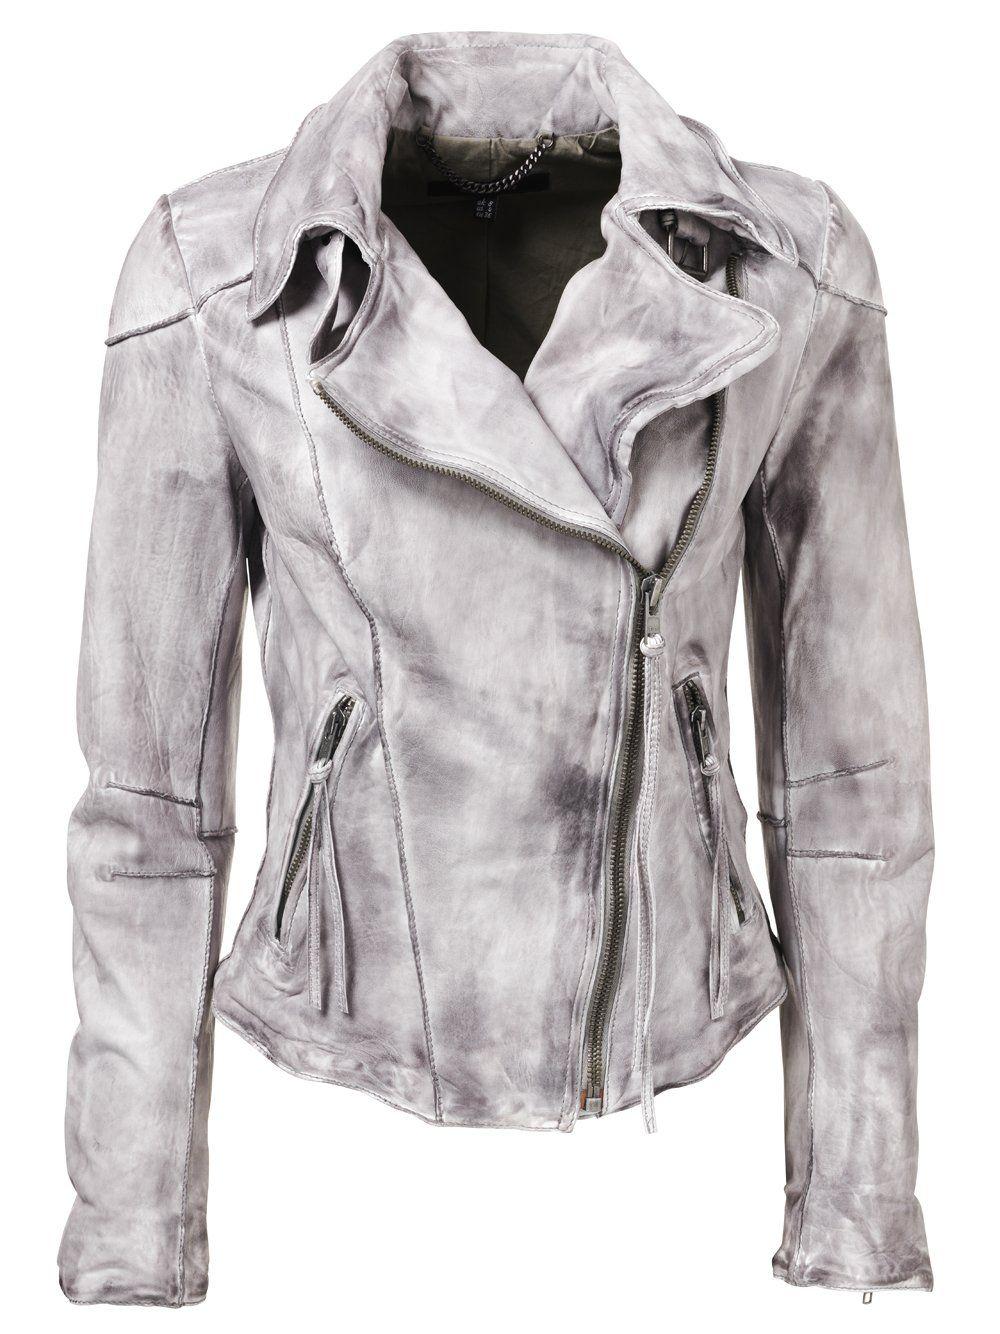 Cortez Raw Seam Leather Biker Jacket in Dark Clouds